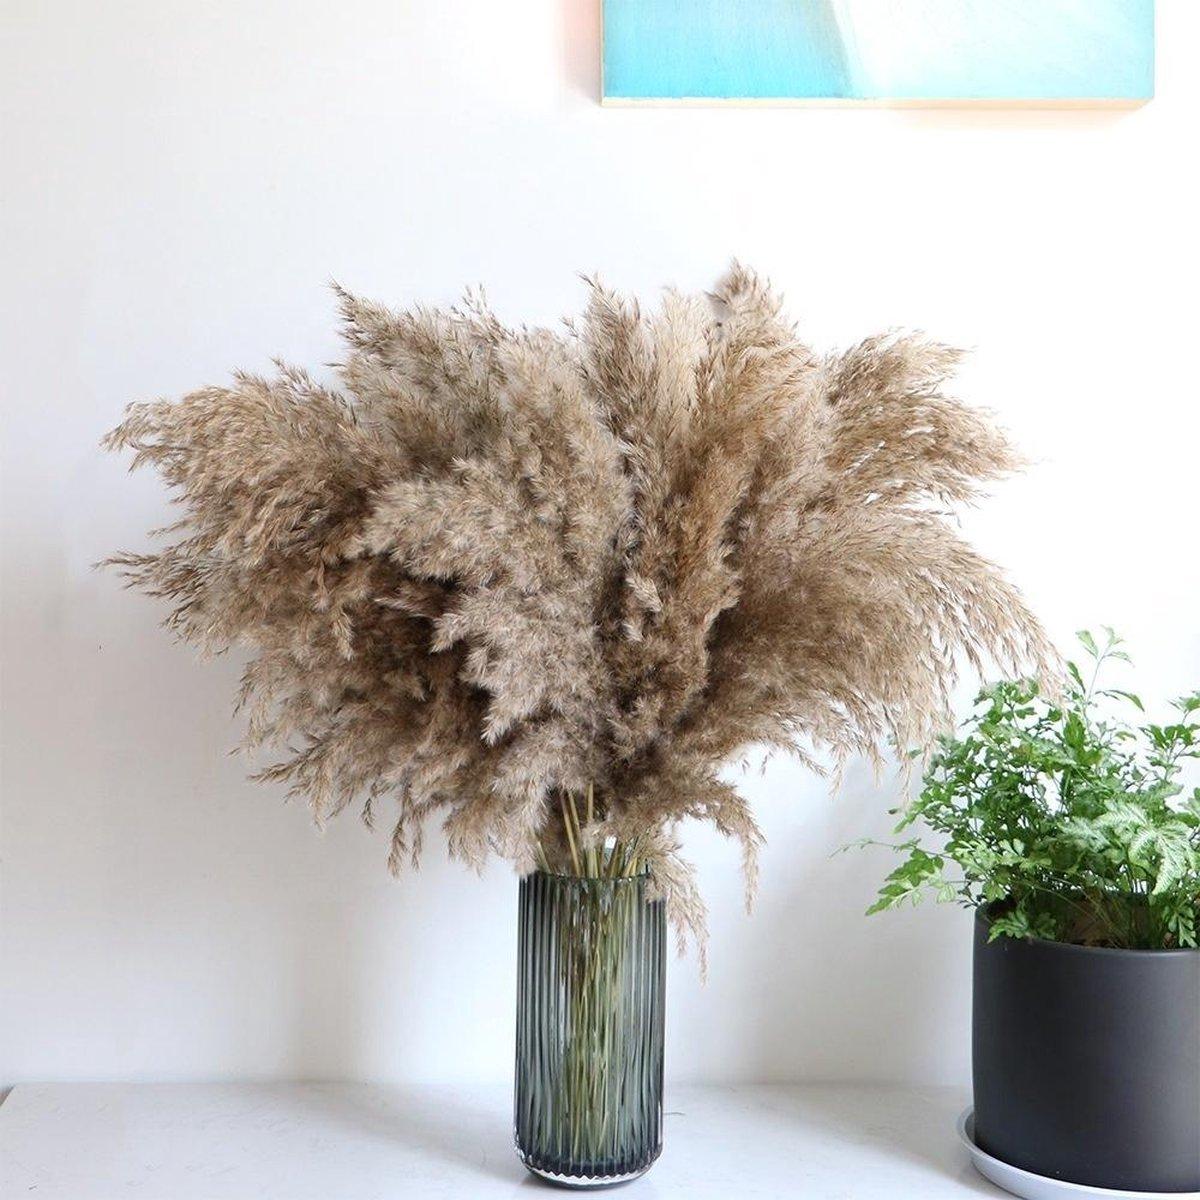 Pampas pluimen   10 stuks   Pampasgras   Droogbloemen   80/ 90cm   Boeket decoratie pluimen   Luxury